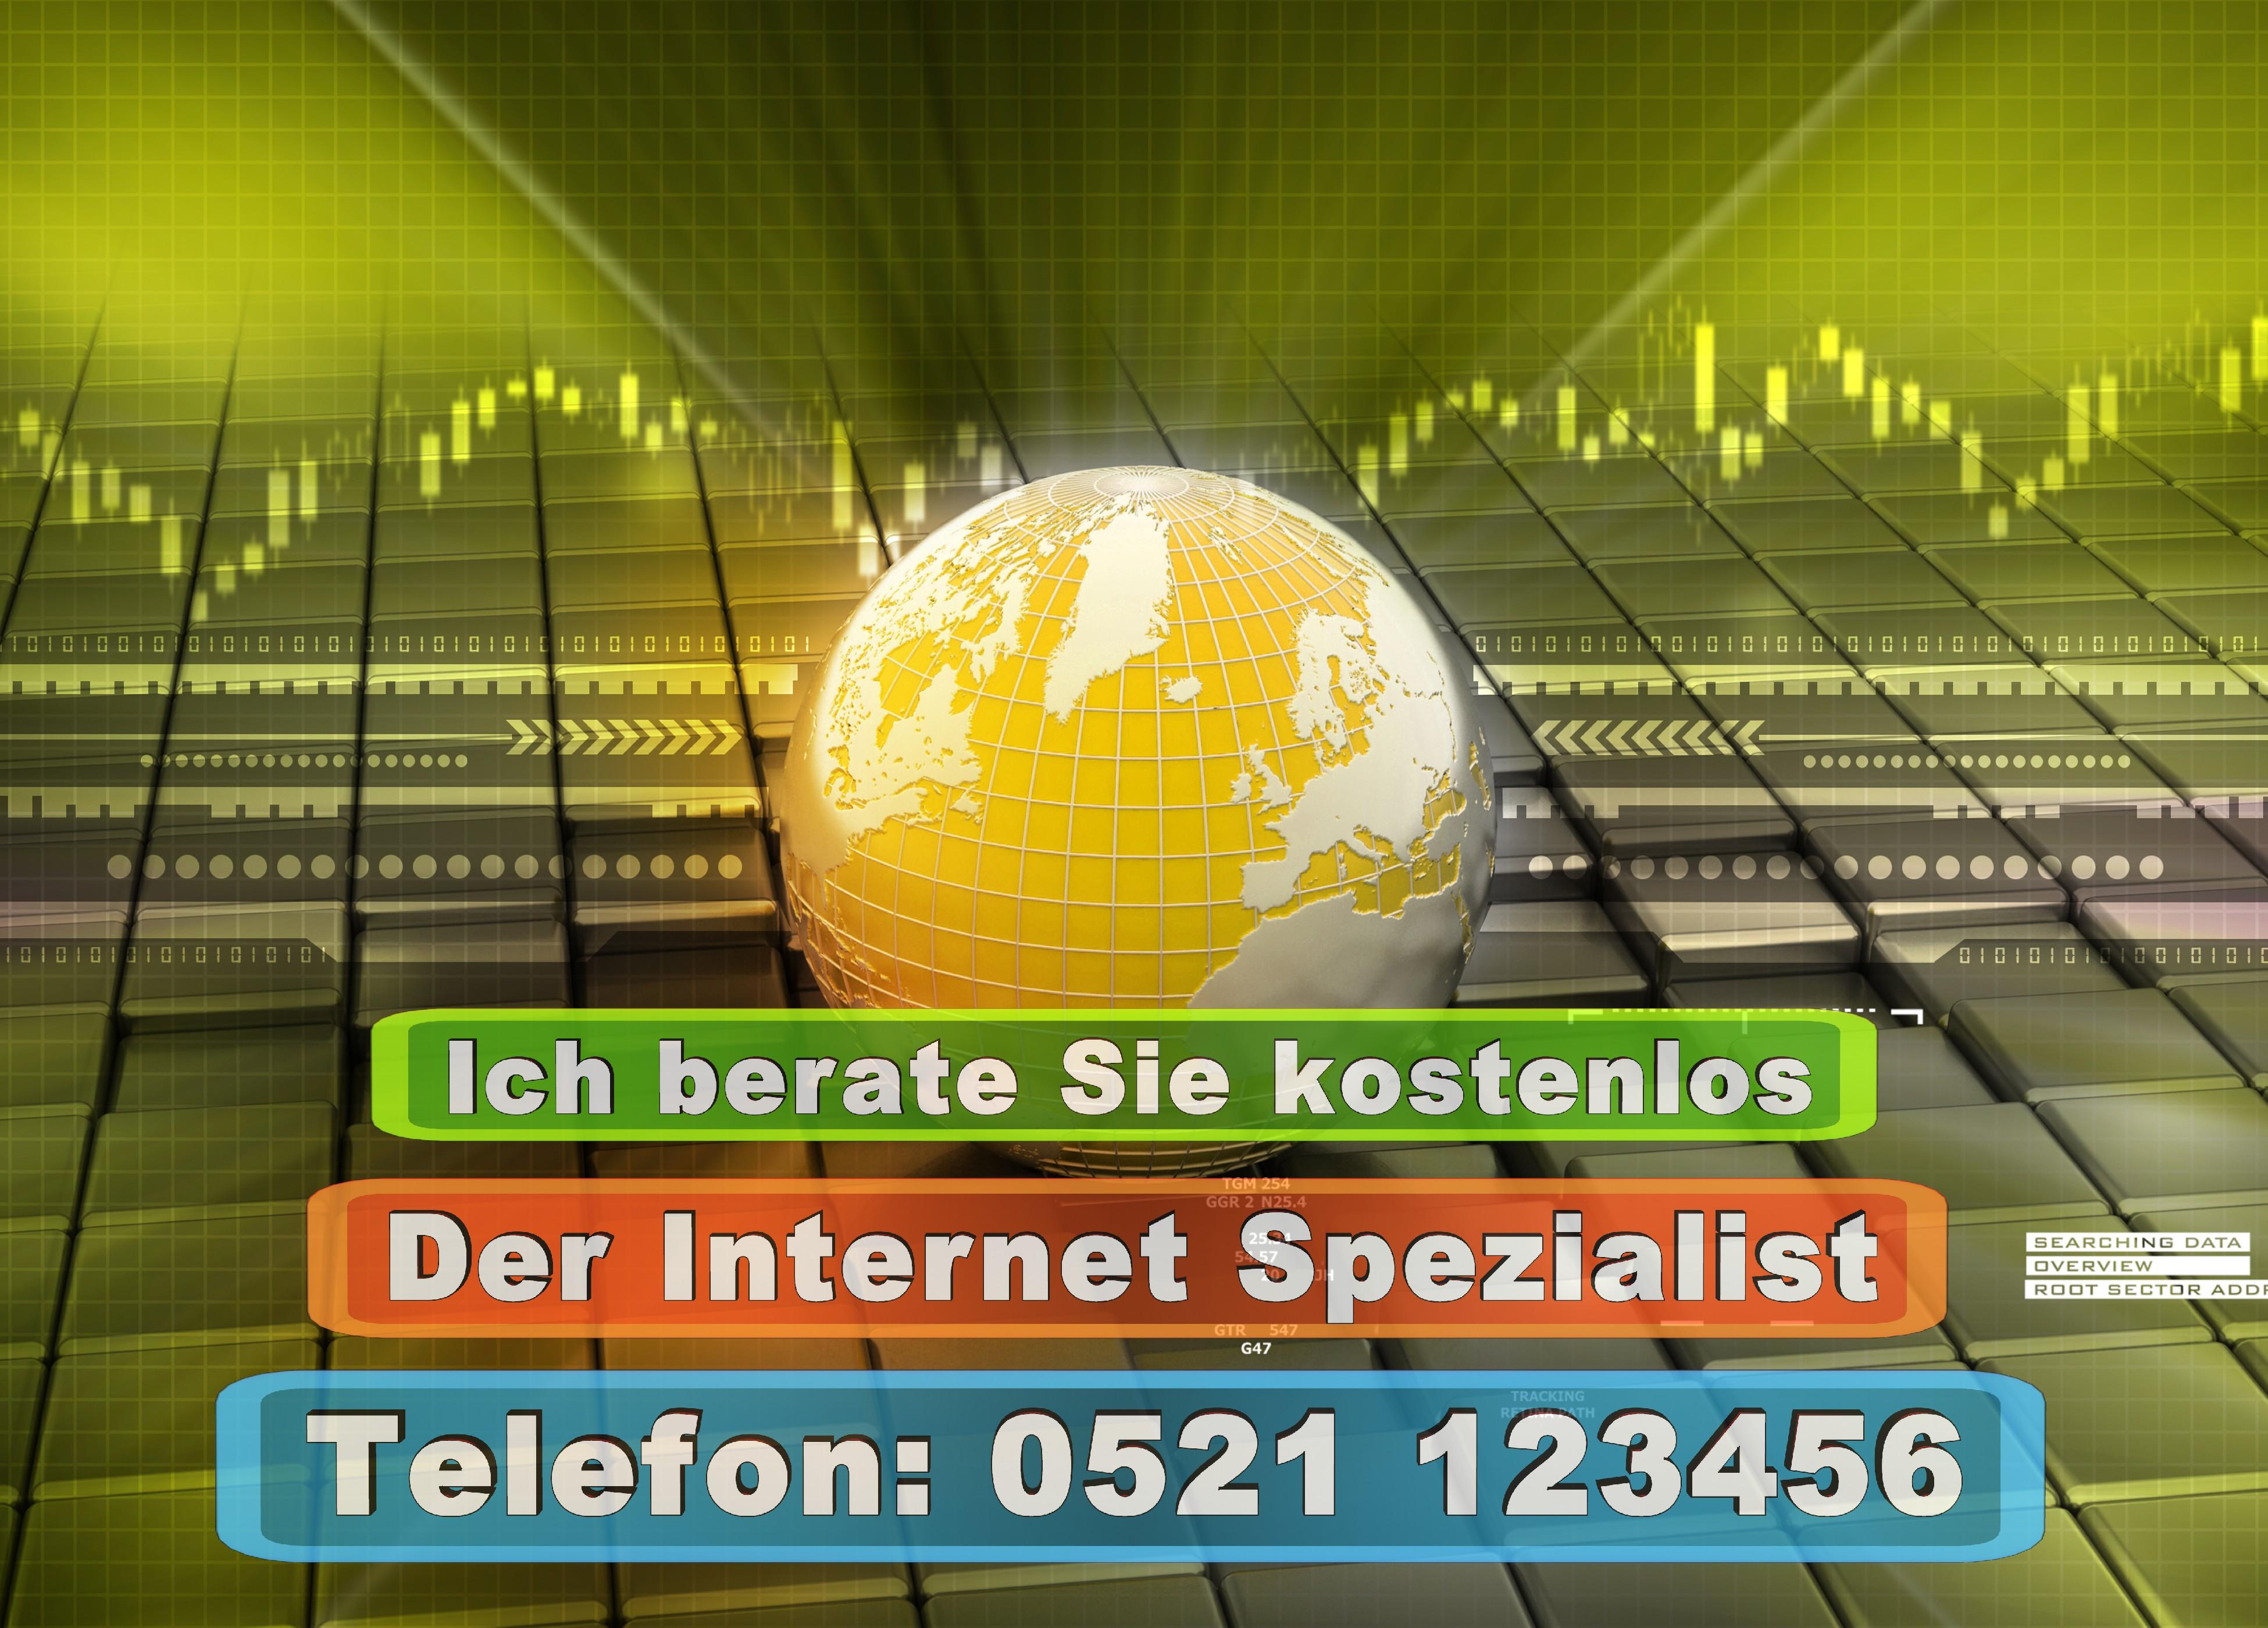 Werbeagentur Bielefeld Druckerei Bielefeld Prospekte Zeitung Visitenkarten Poster Werbung Print Presse Druck Fotografie Fotos Internet (59)